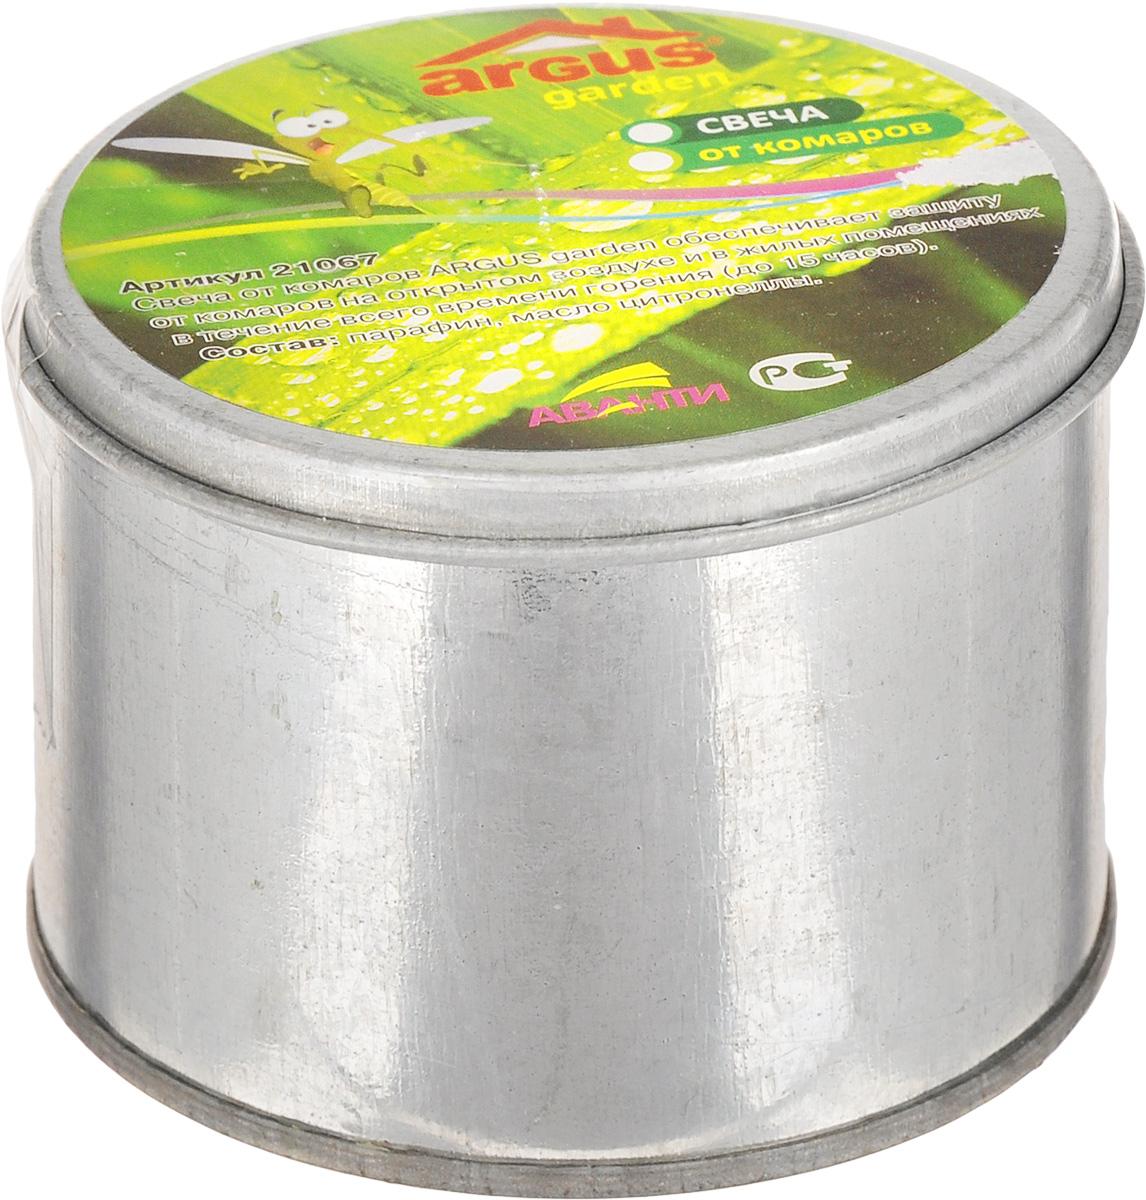 """Свеча от комаров """"Argus"""" обеспечивает защиту от комаров на открытом воздухе и  в жилых помещениях в течение всего времени горения (до 15 часов). Меры предосторожности: Использовать на открытом воздухе или в хорошо проветриваемом помещении  площадью 25 м3. Поджигать свечу на жаропрочной поверхности или на земле. Не  оставлять горящую свечу без присмотра. Не прикасаться до свечи во время  горения. Хранить отдельно от пищевых продуктов в местах не доступных детям.  При хранении избегать попадания прямых солнечных лучей на свечу. Состав: парафин, масло цитронеллы.  Товар сертифицирован."""